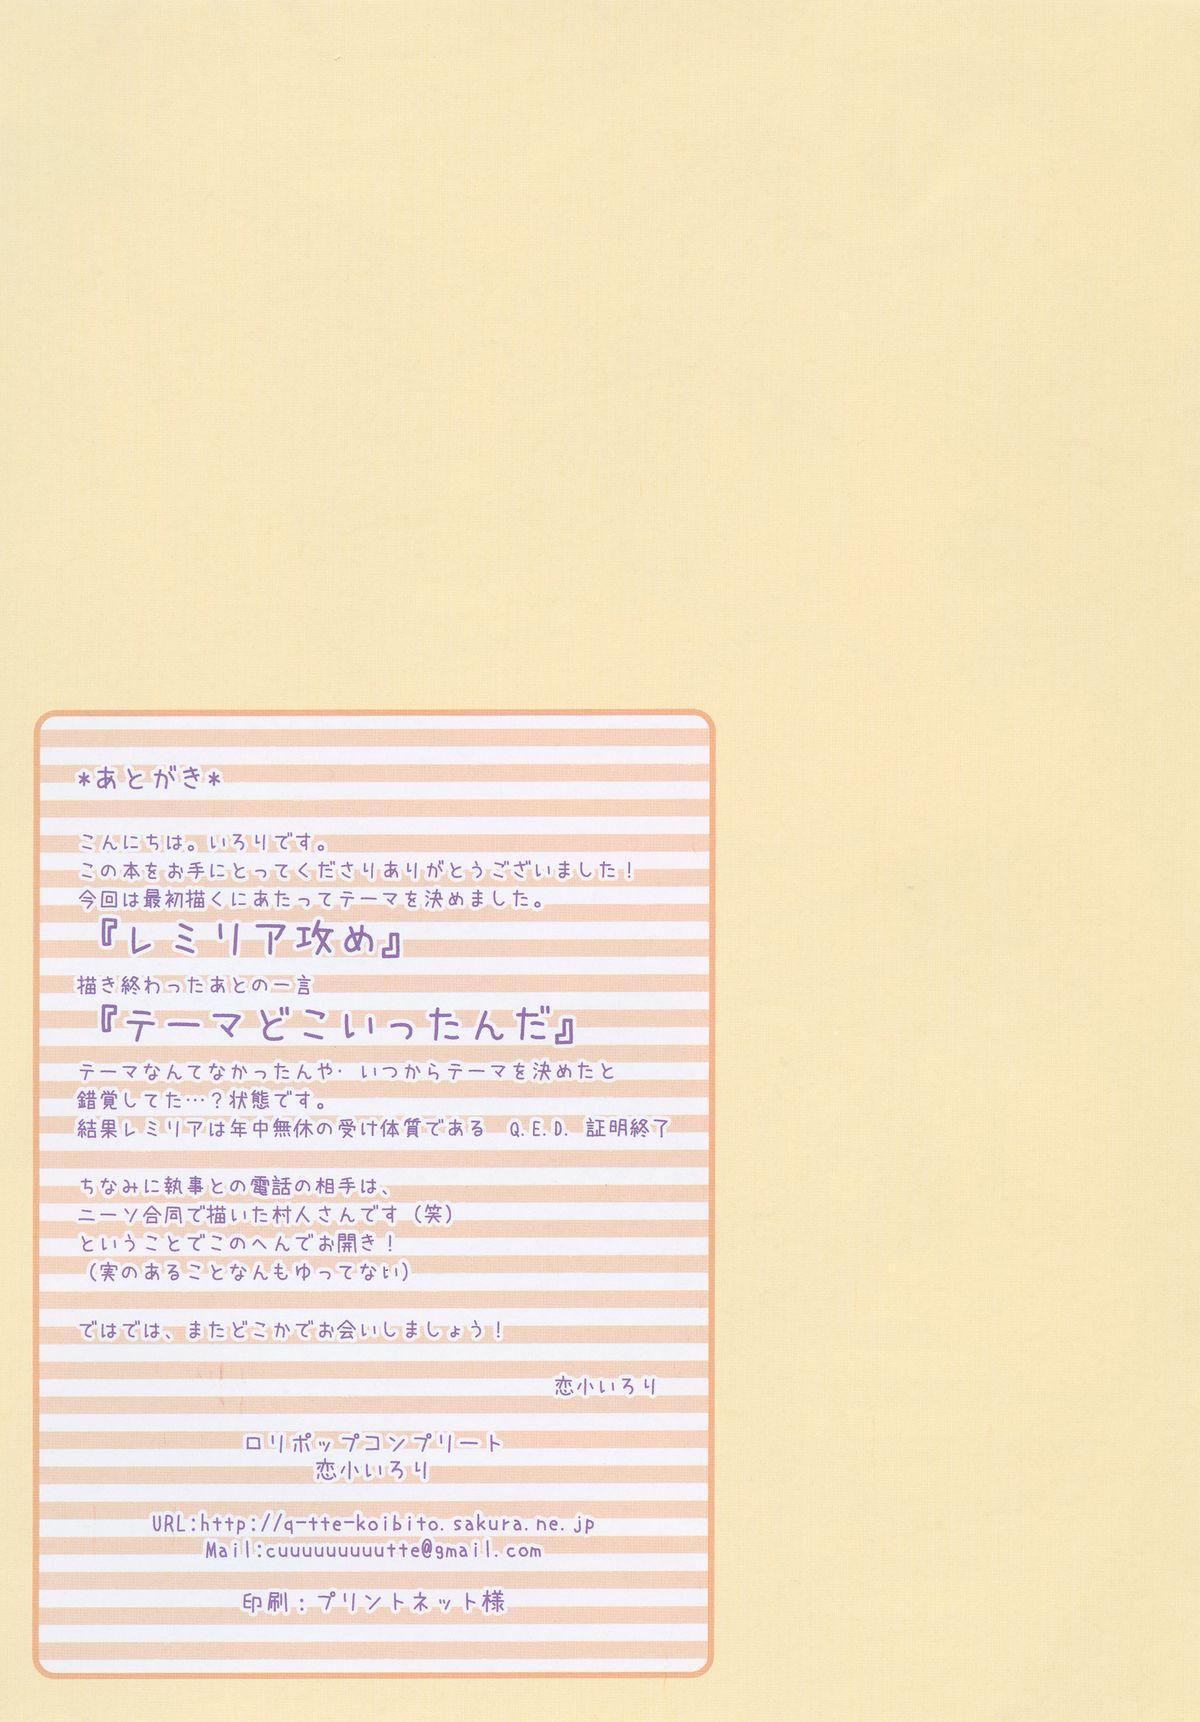 [Lolipop Complete (Koiko Irori)] Kakko Nijuuichi -Ojou-sama no Yuuwaku- (Touhou Project) [Digital] 14